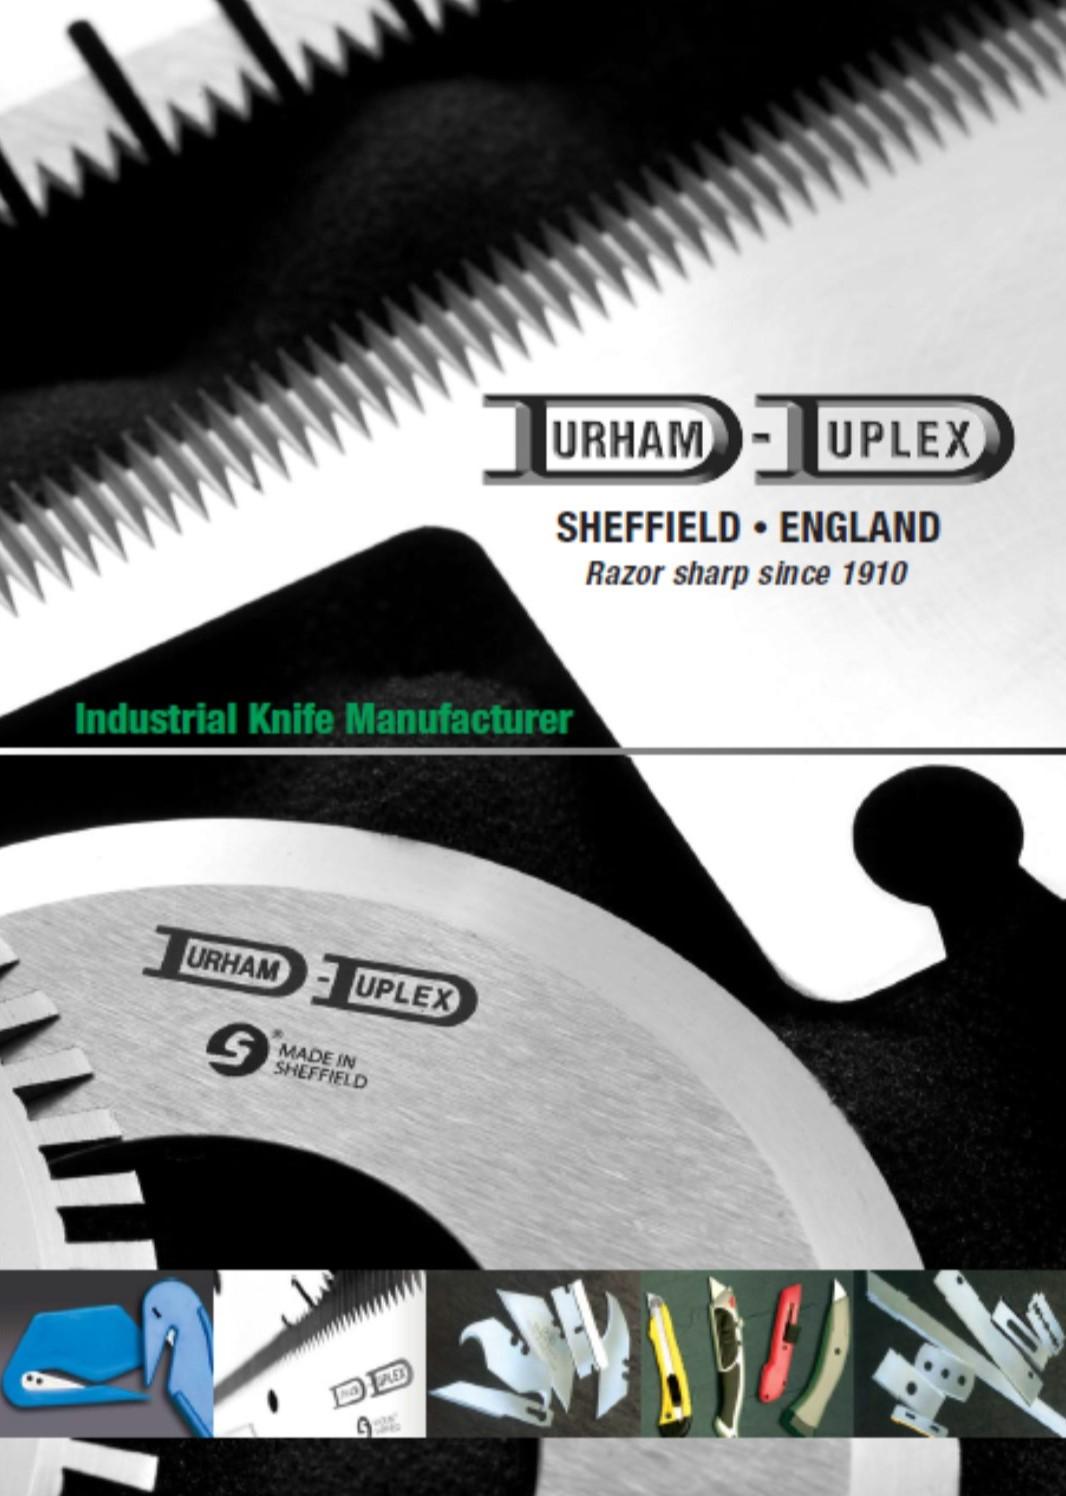 Durham-Duplex Brochure